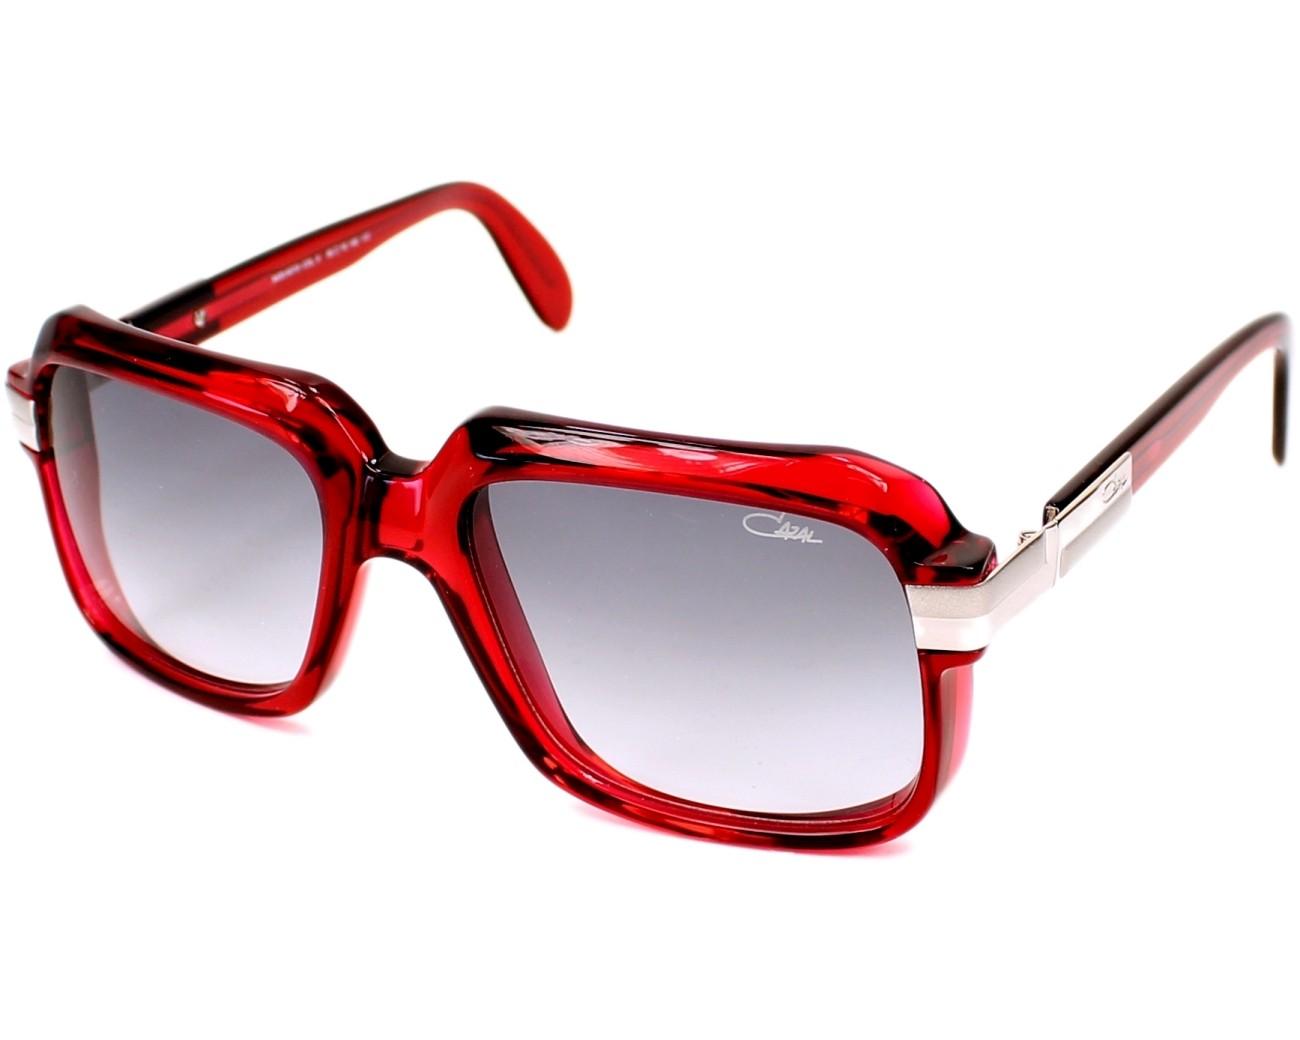 f19eecebce Cazal 607 Sunglasses